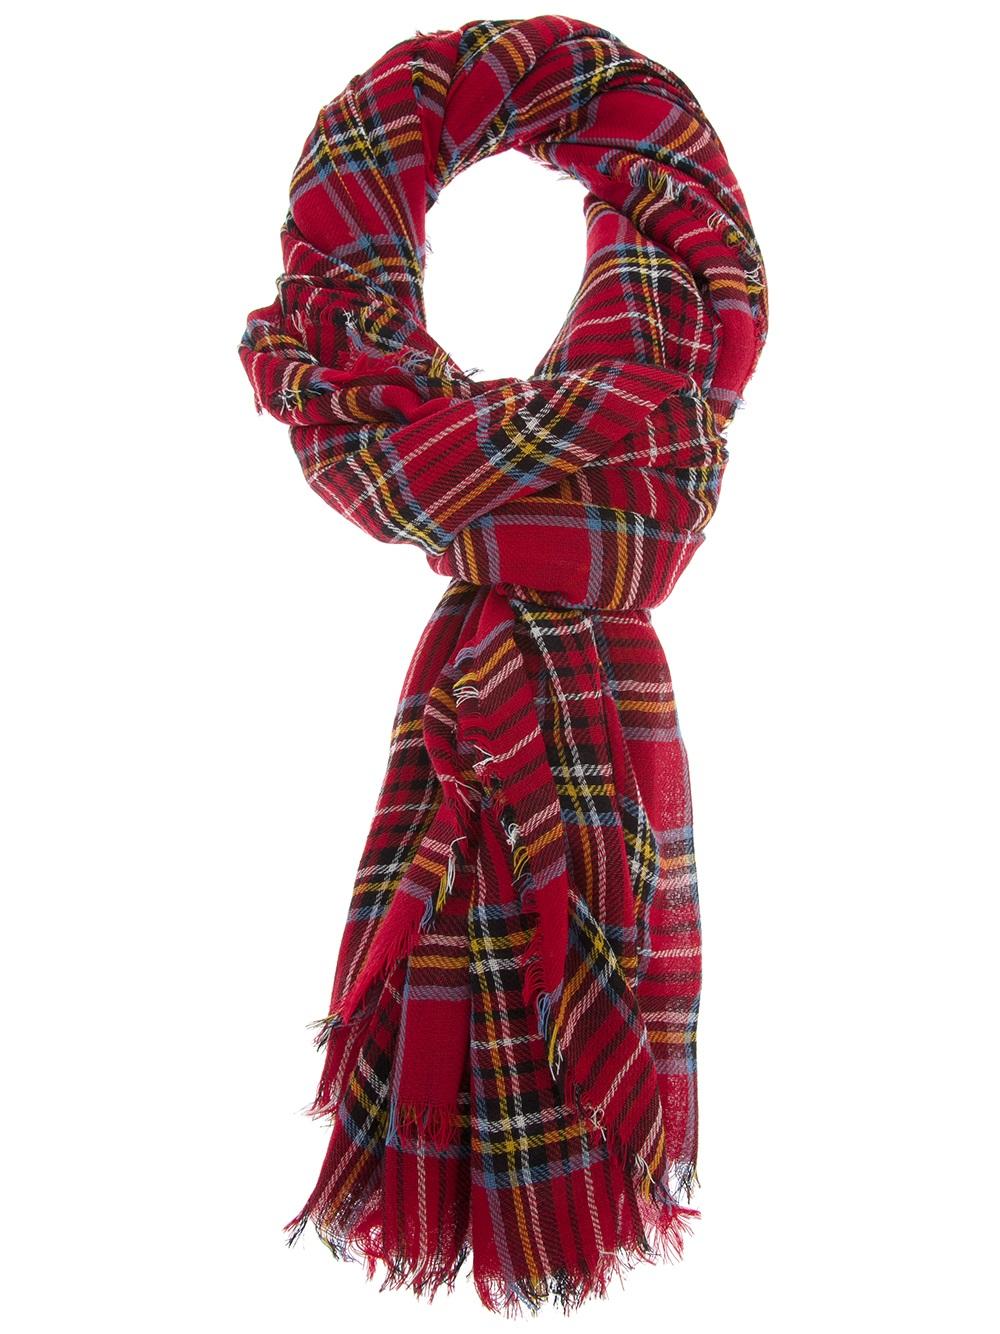 red tartan scarf gallery lhfgayb